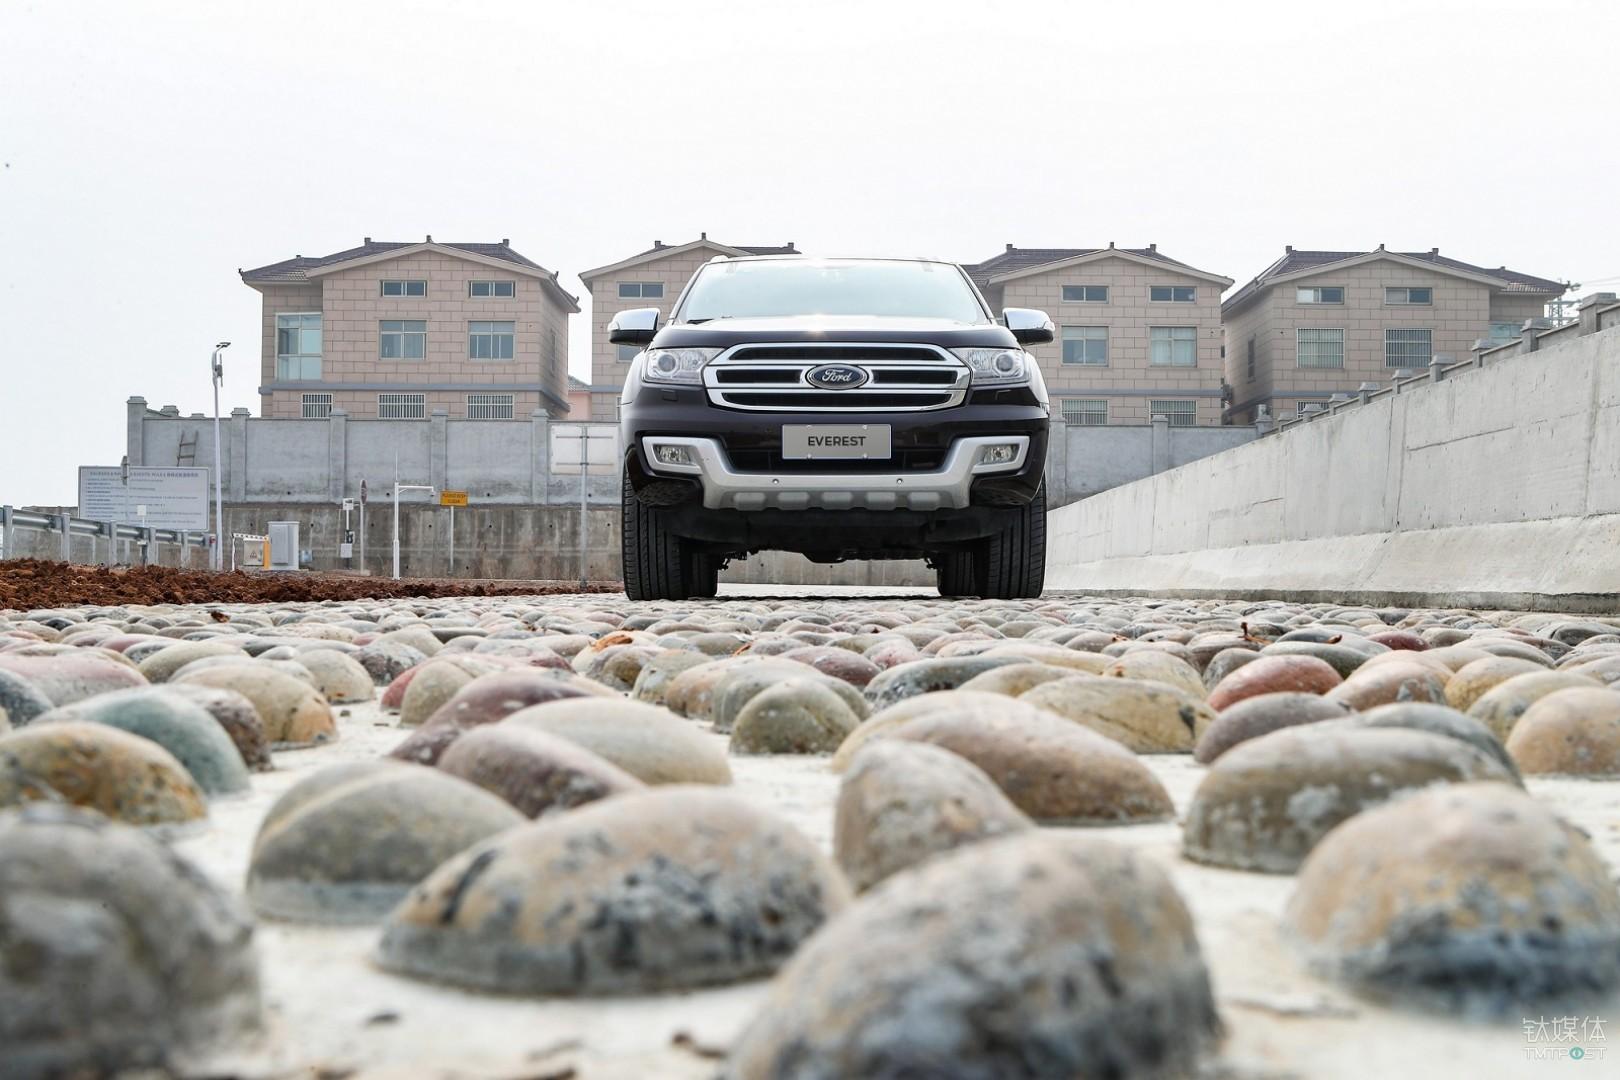 鹅卵石路面用于测试车辆在颠簸路况下的稳定性和舒适性。福特全球所有测试中心所铺设的鹅卵石均产自同一地方,以确保同款车型的全球测试的高度一致性.